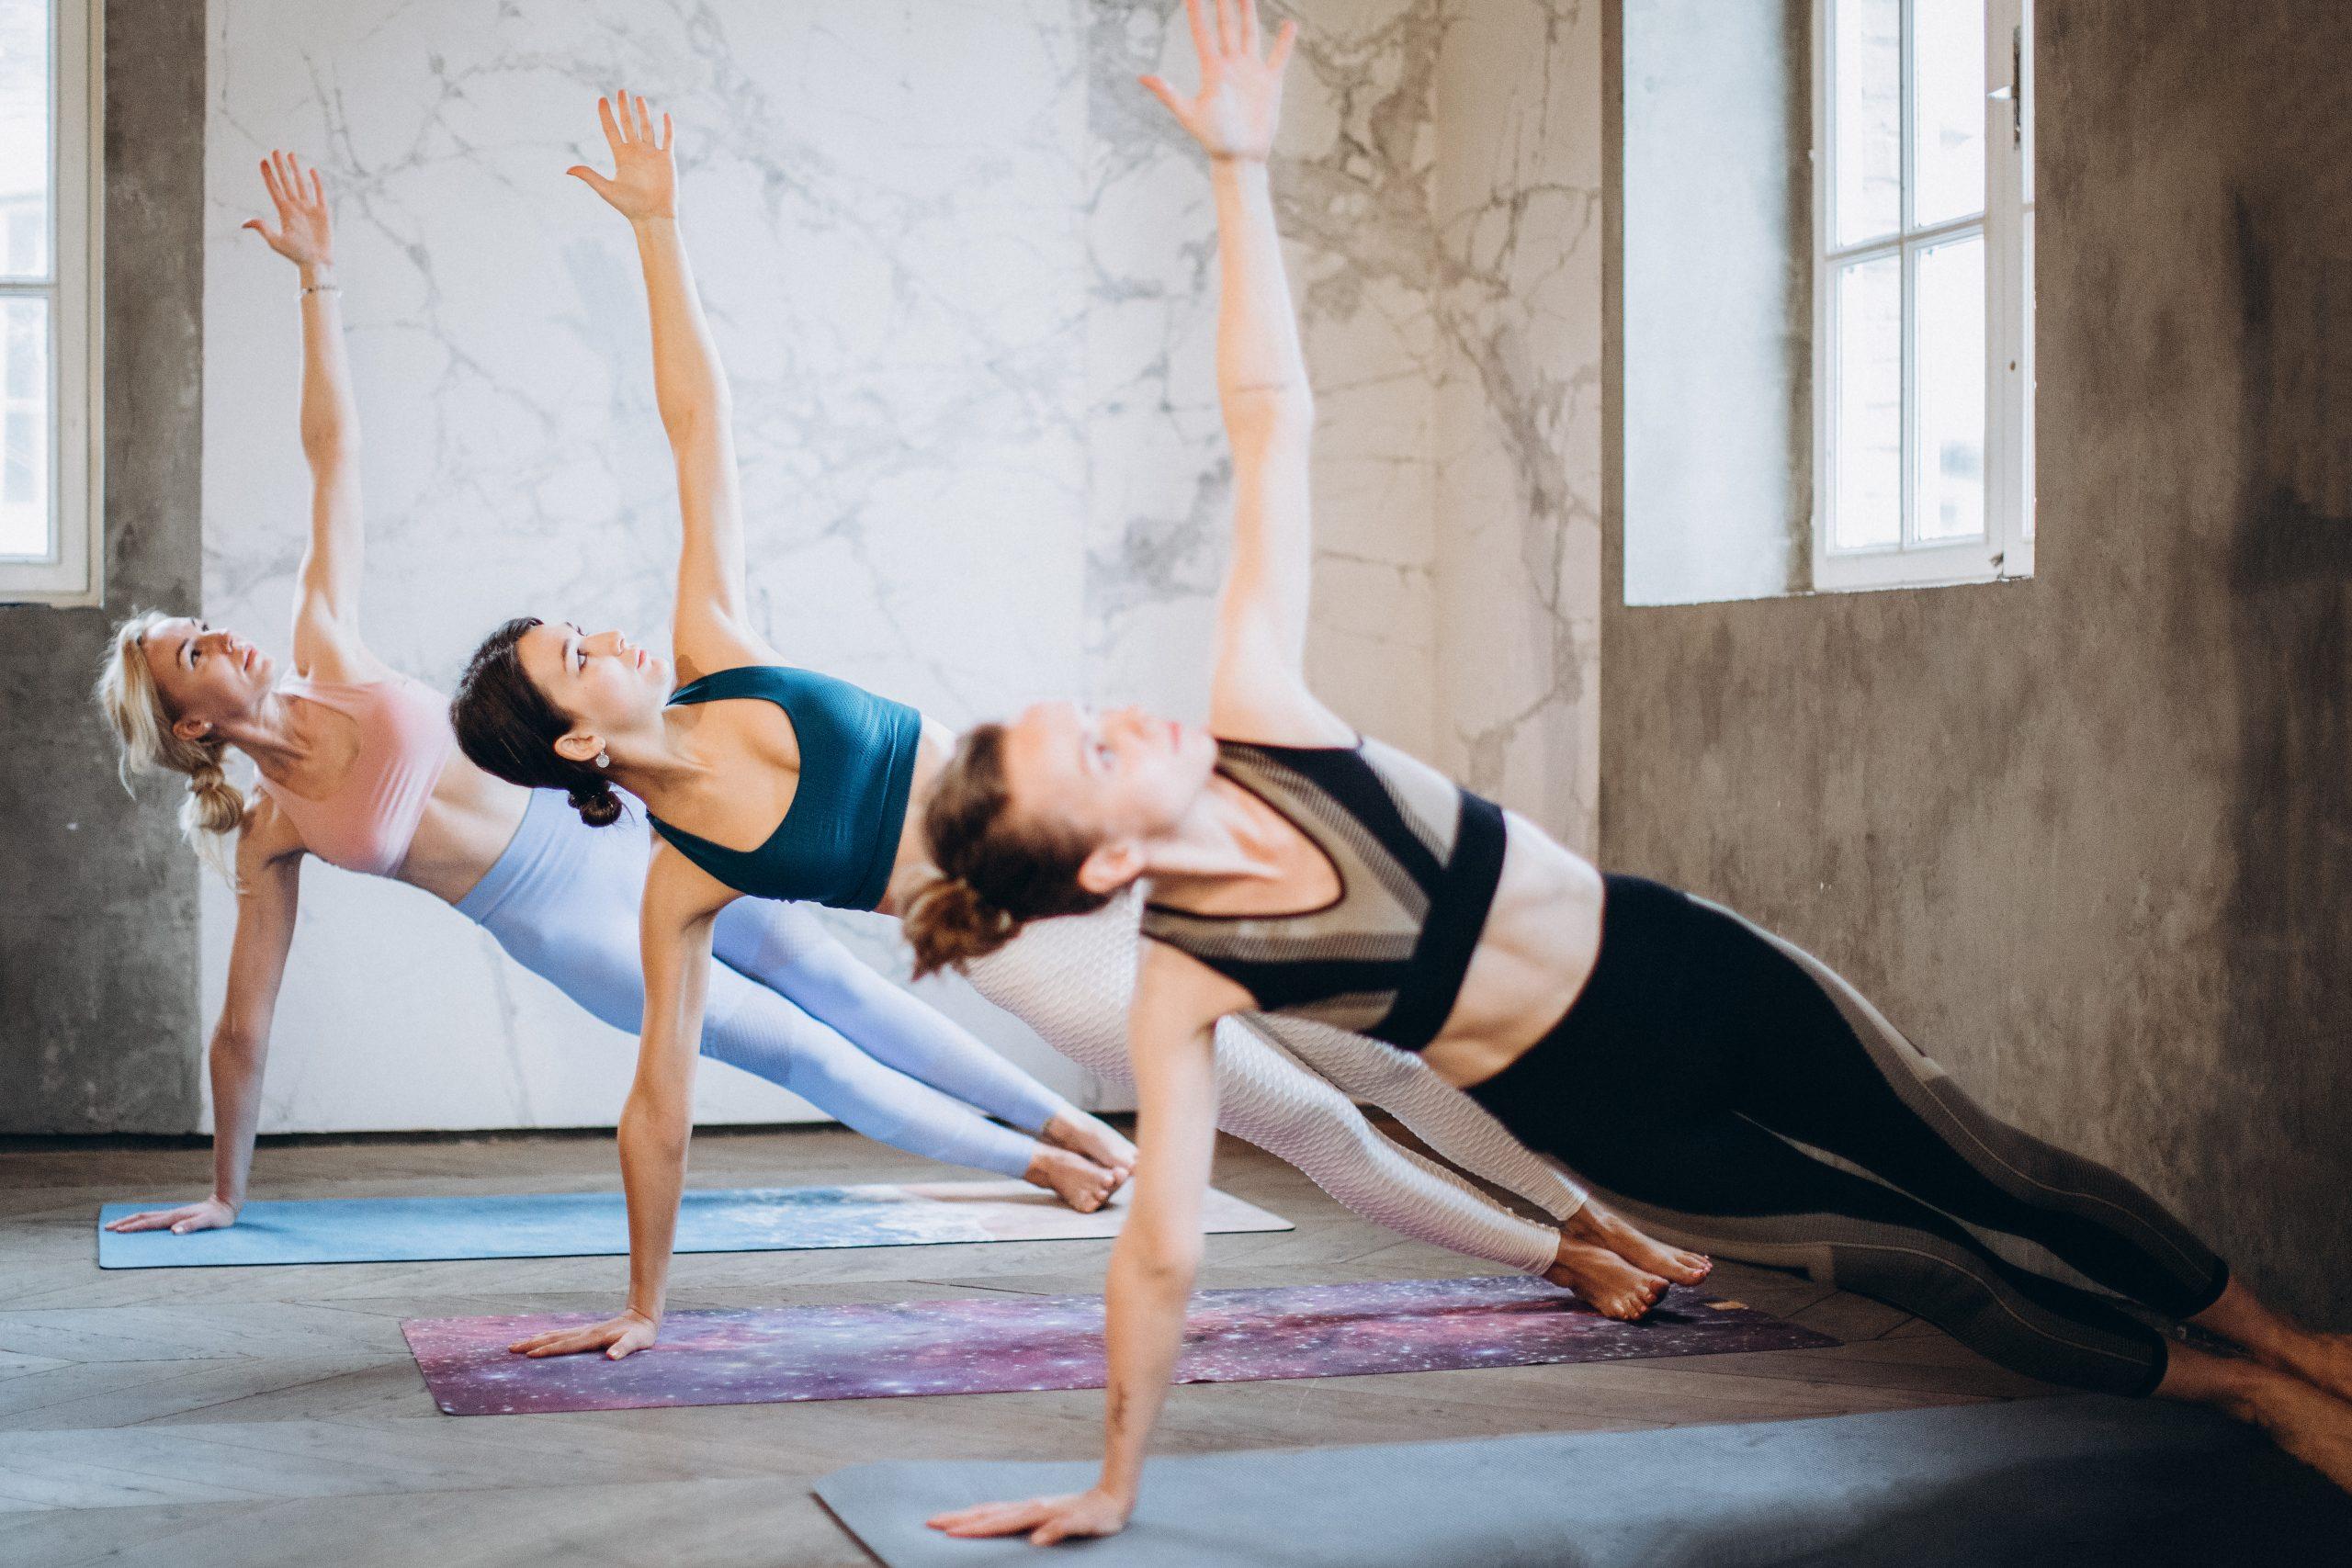 Mat pilates: os benefícios e principais exercícios do pilates solo